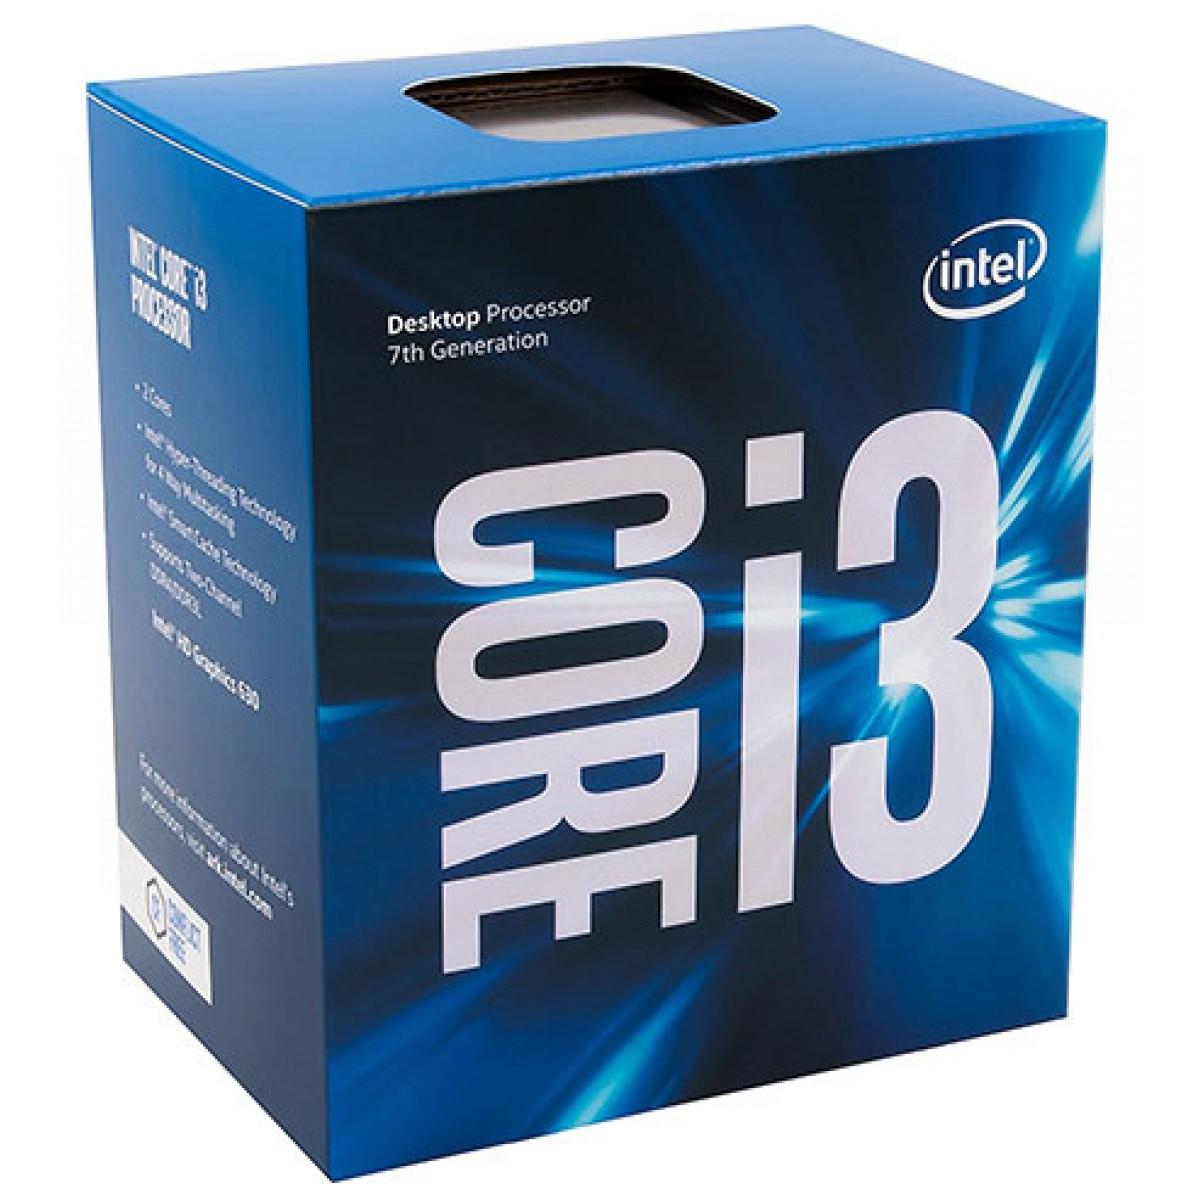 Processador Intel Core i3 530 2.93GHz, 4MB, 2-Cores 4-Threads, LGA 1156